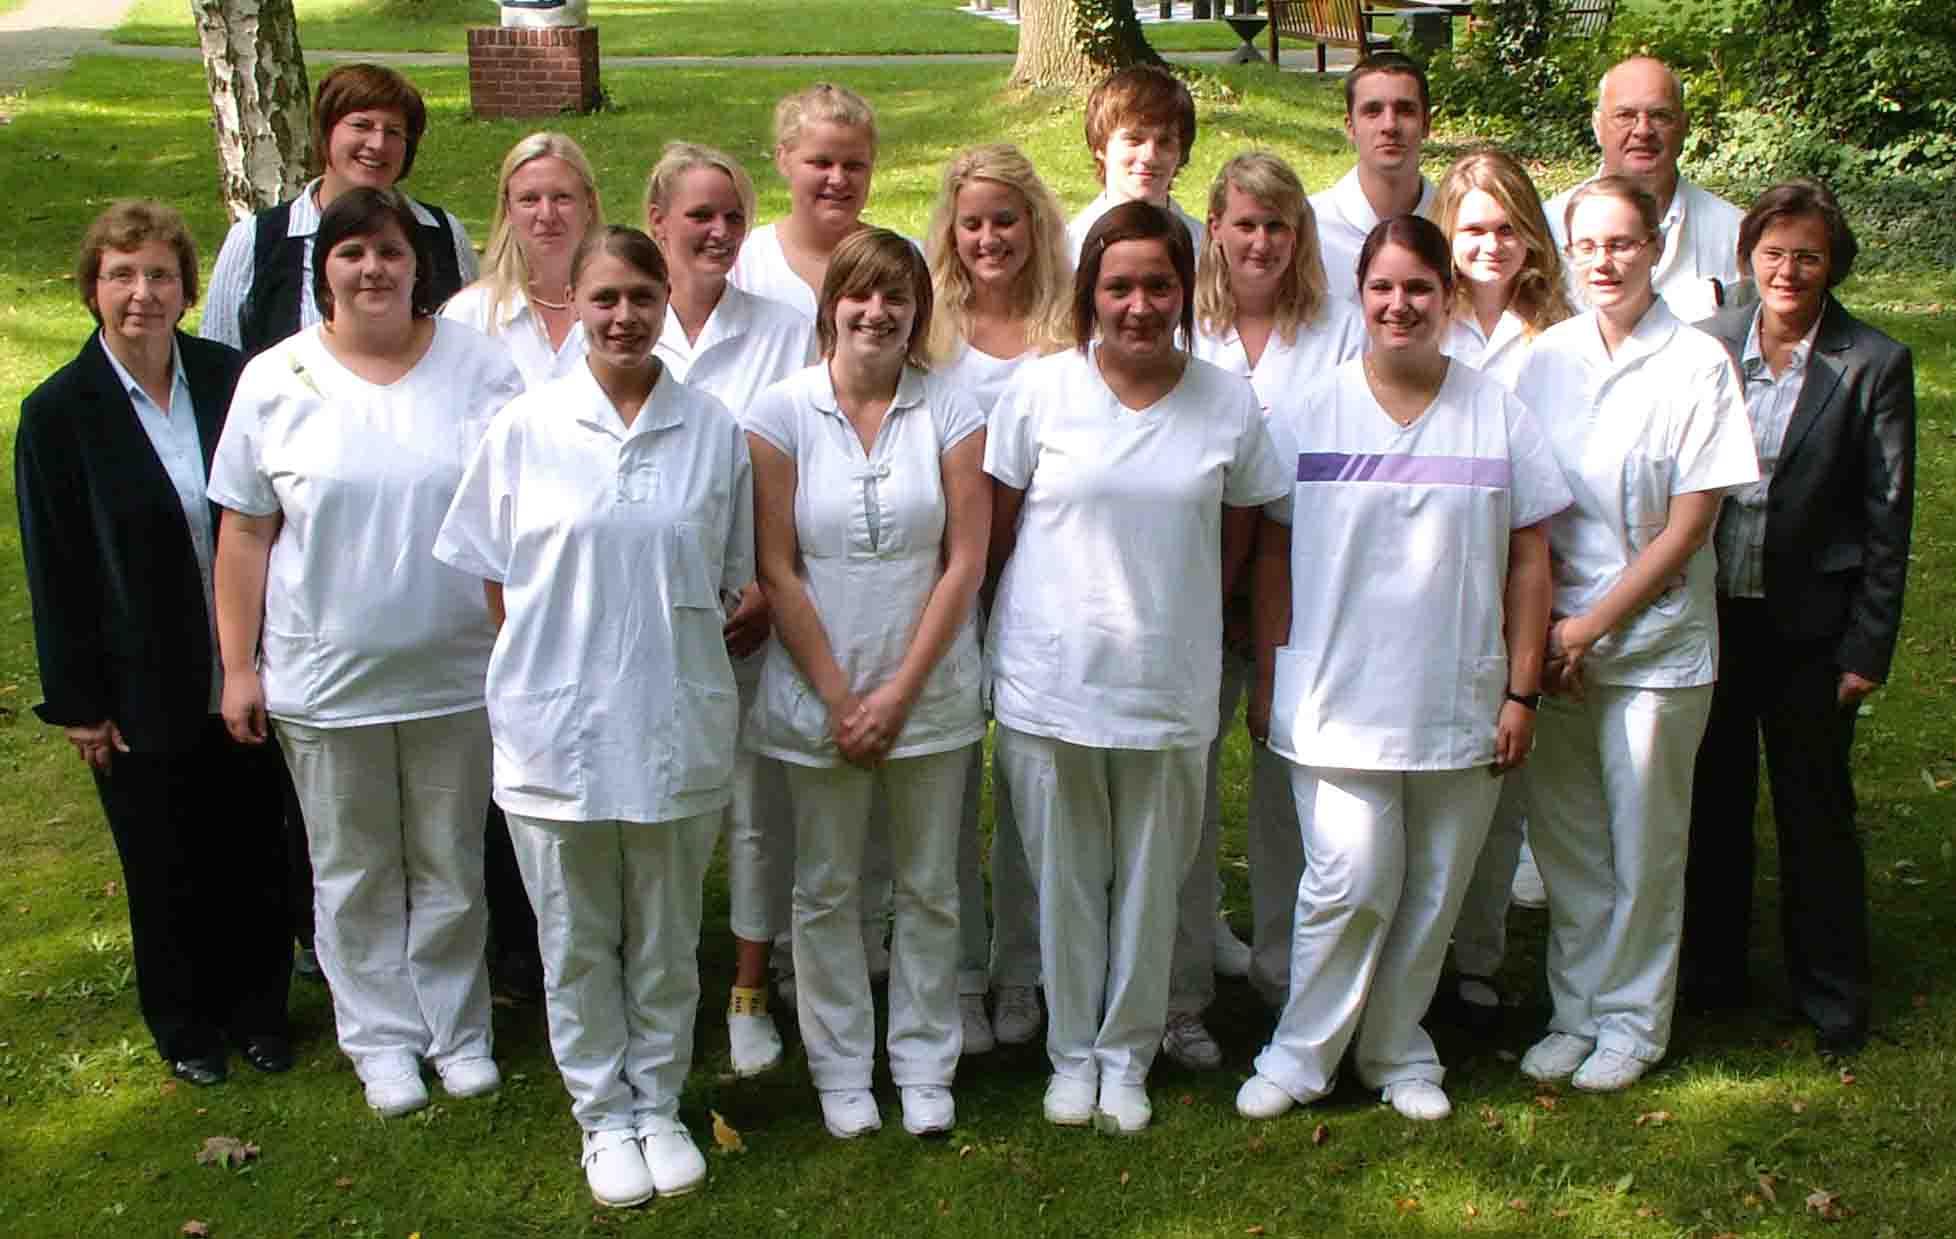 zahlreich in der Vielfalt für die ganze Familie einzigartiges Design Alle Schüler bestanden Gesundheits- und Krankenpflege-Examen ...